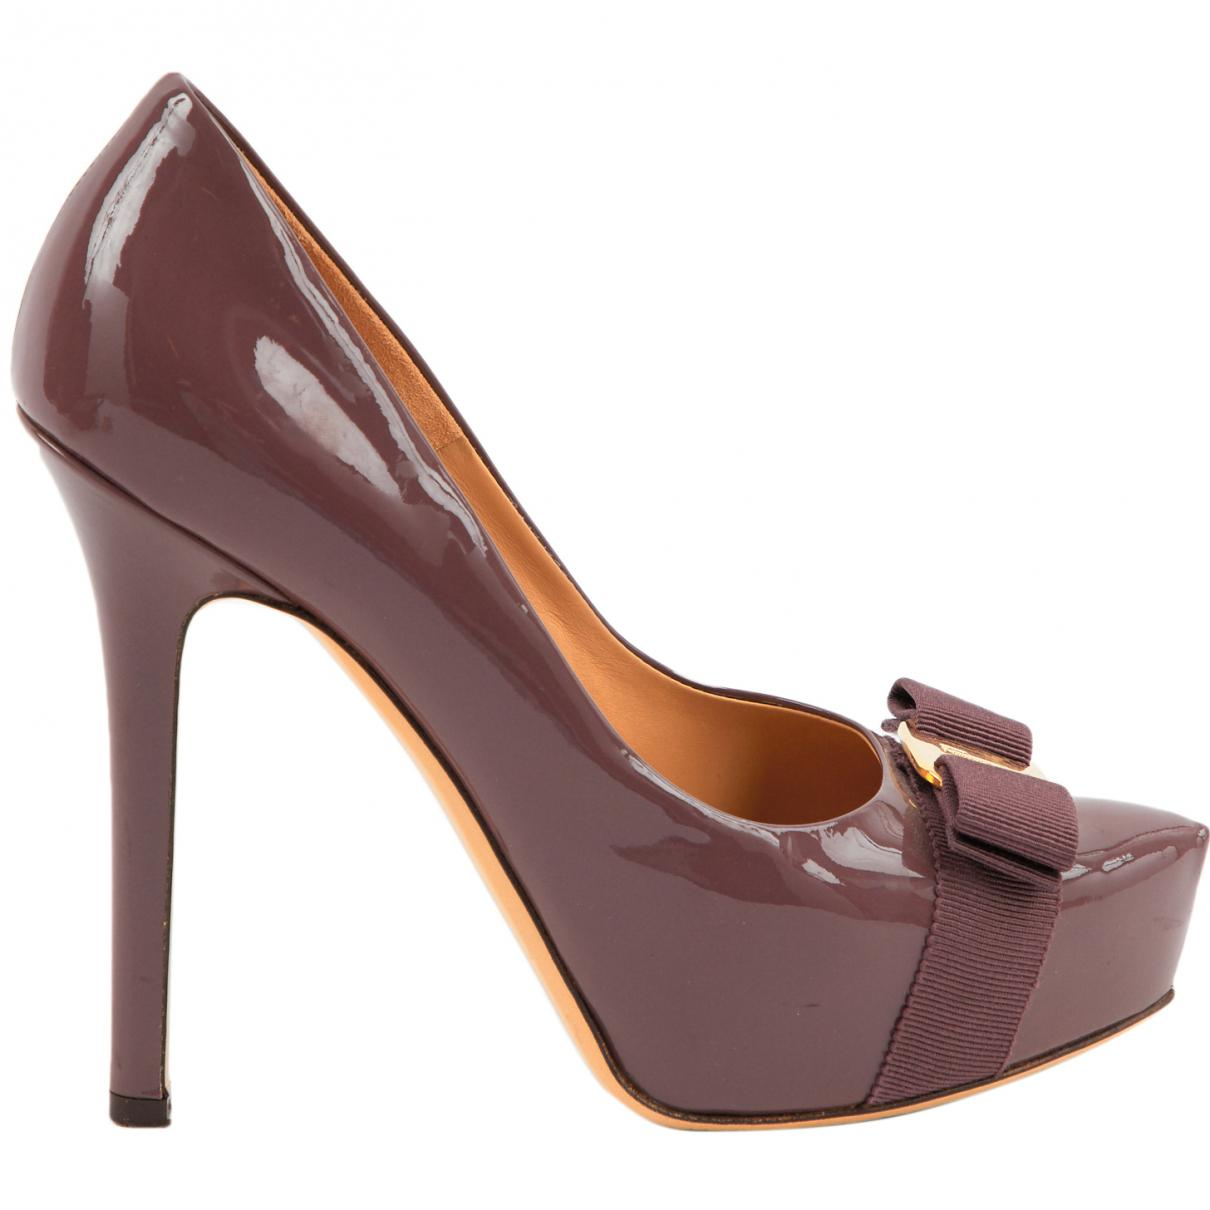 a362104cf814 Lyst - Ferragamo Patent Leather Heels in Purple